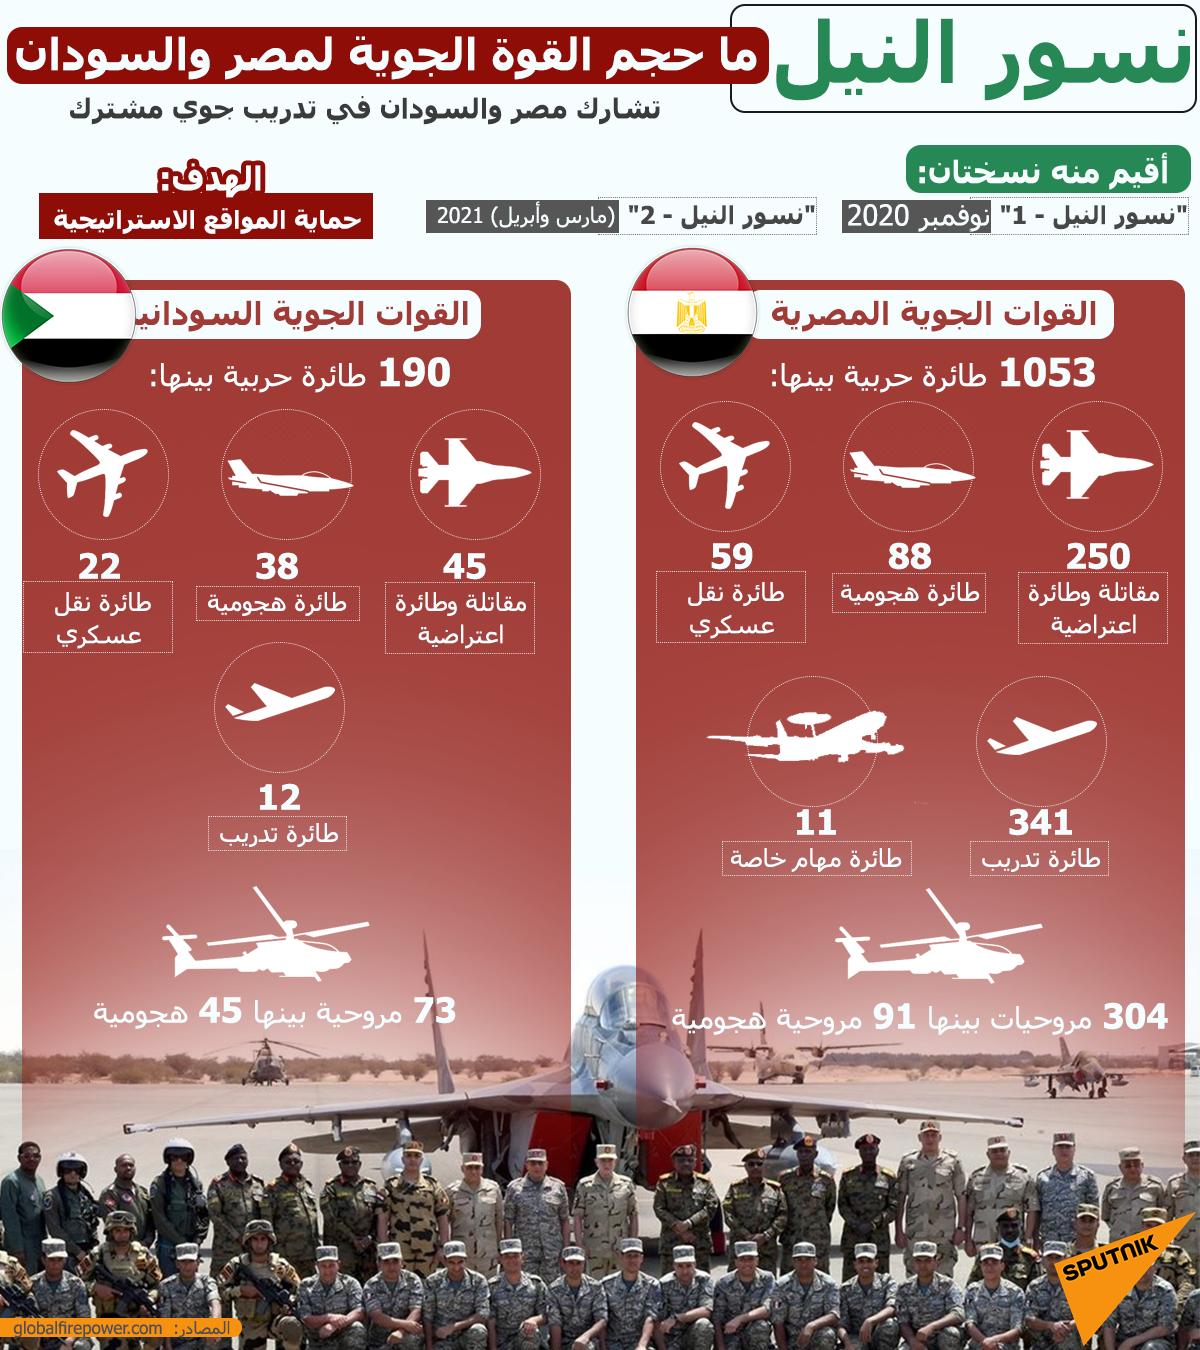 إنفوجرافيك... حجم القوة الجوية لمصر والسودان